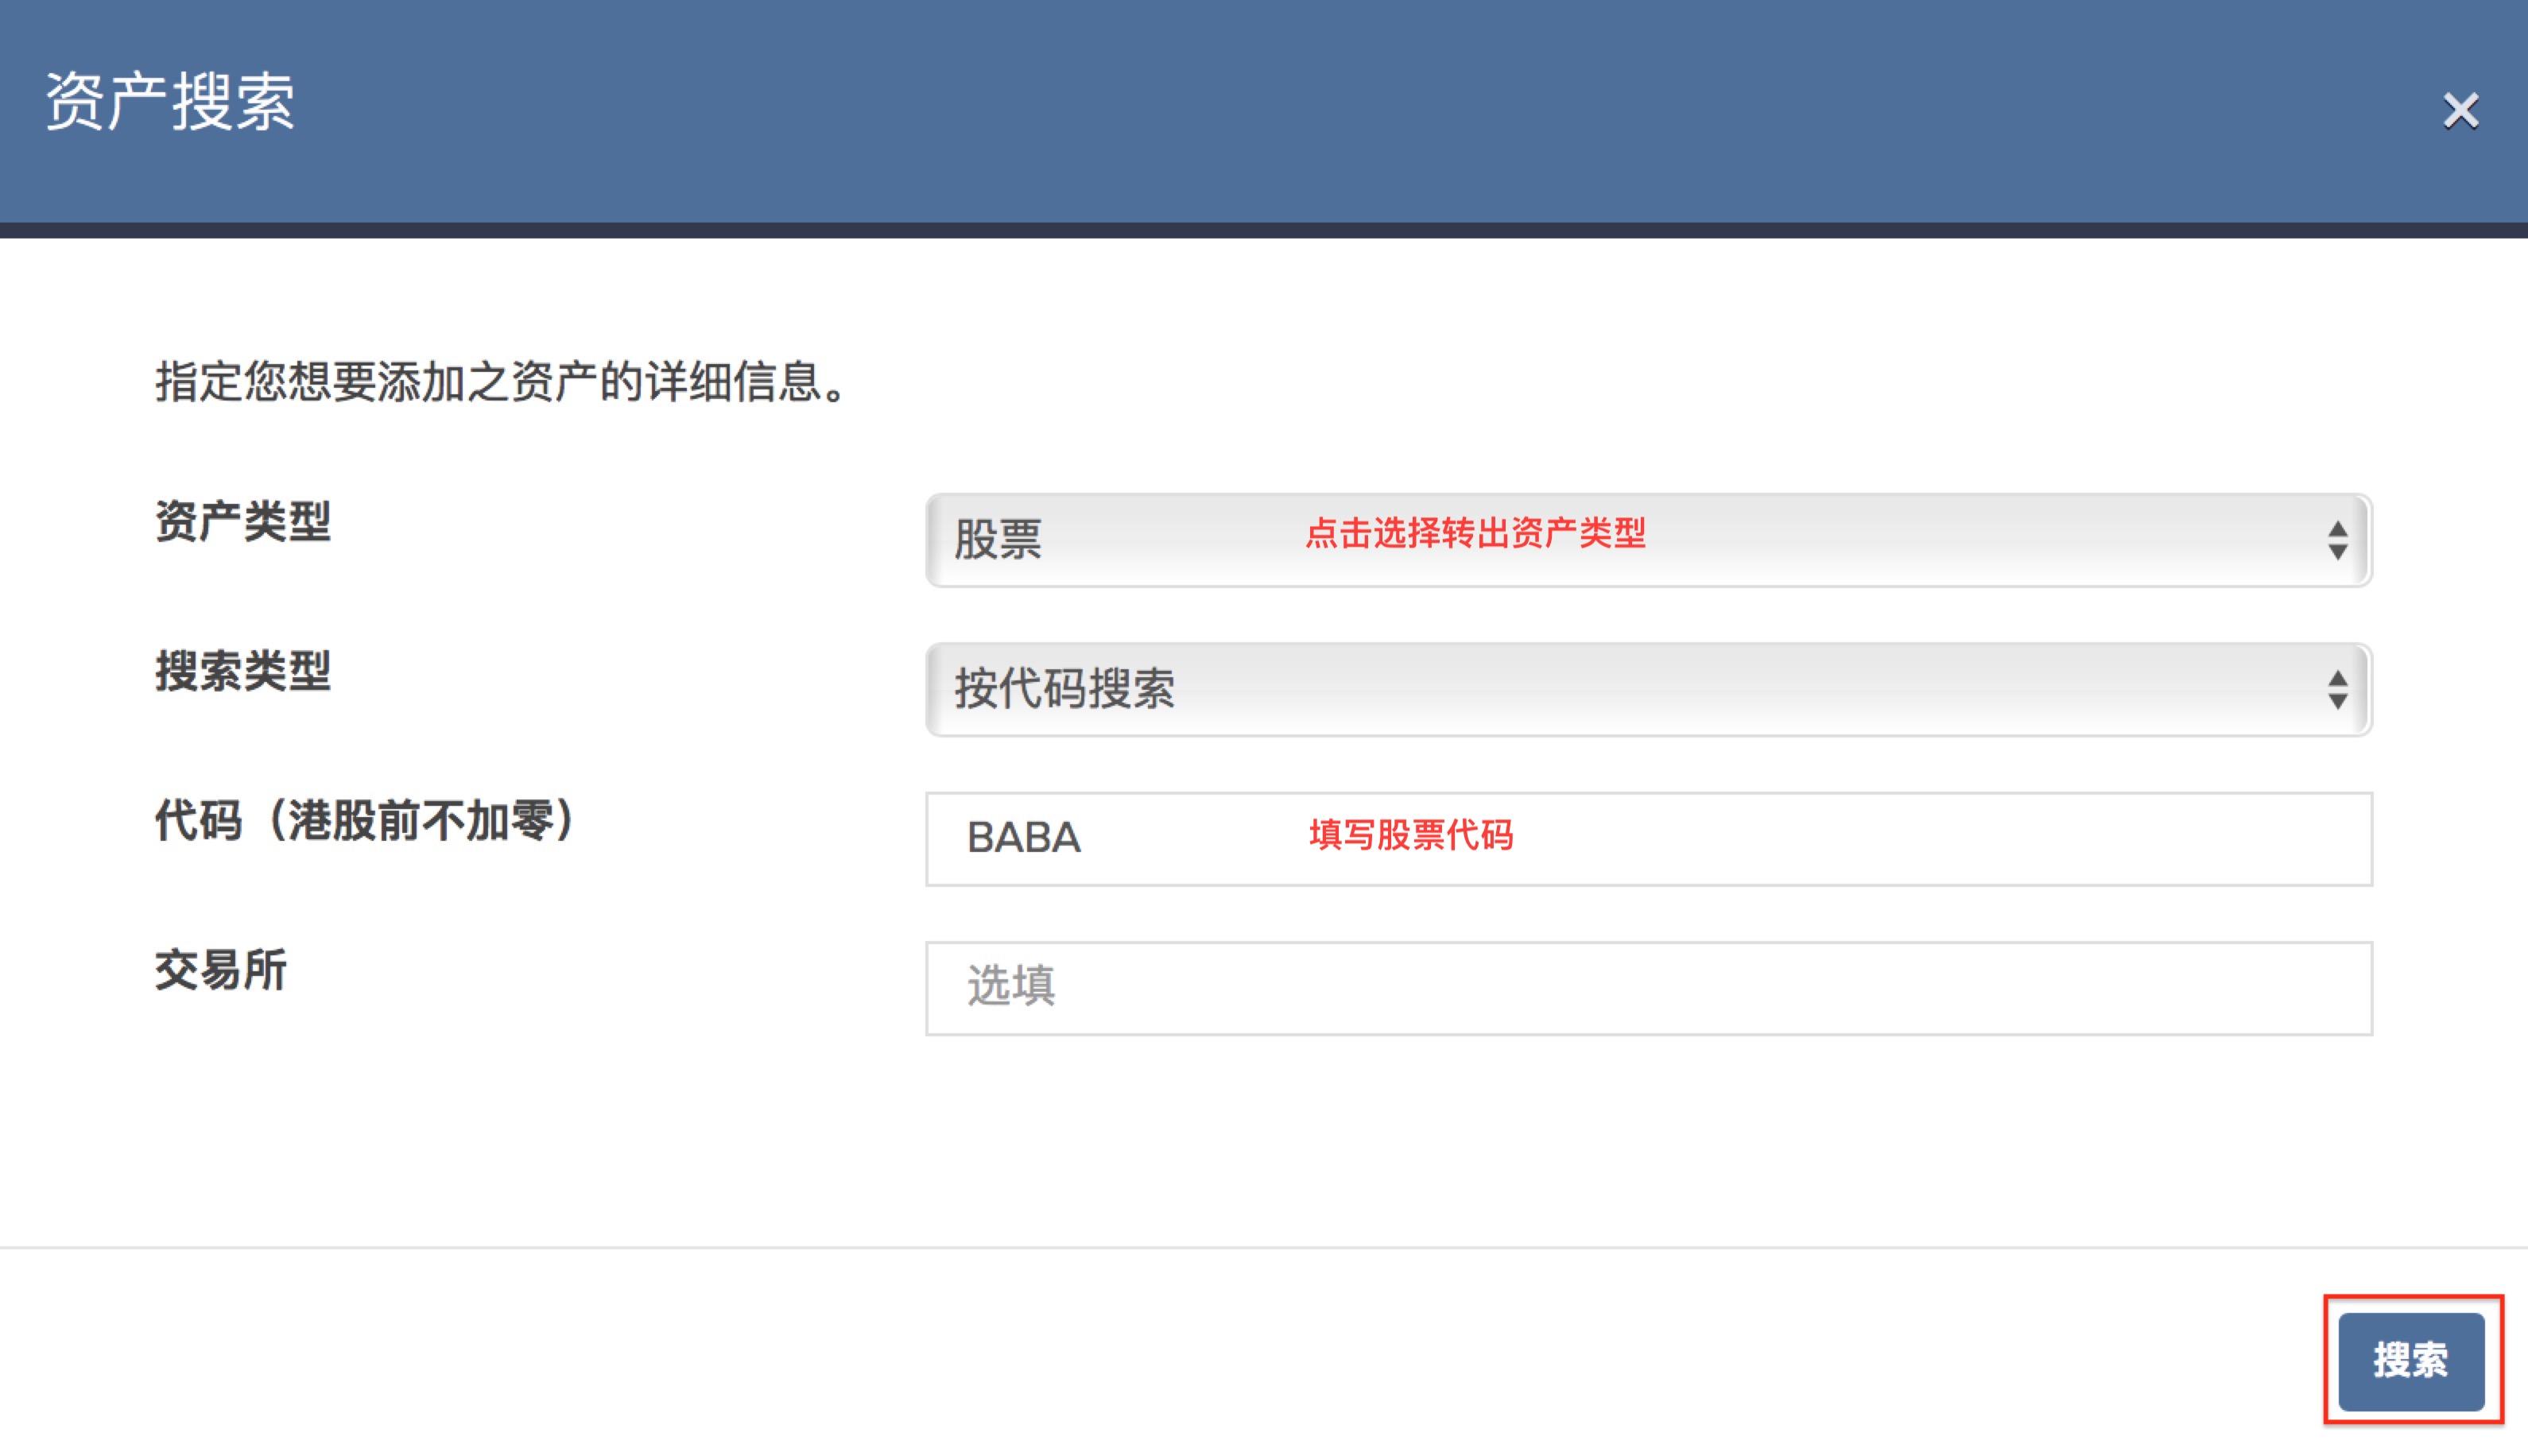 国都香港转户到雪盈证券